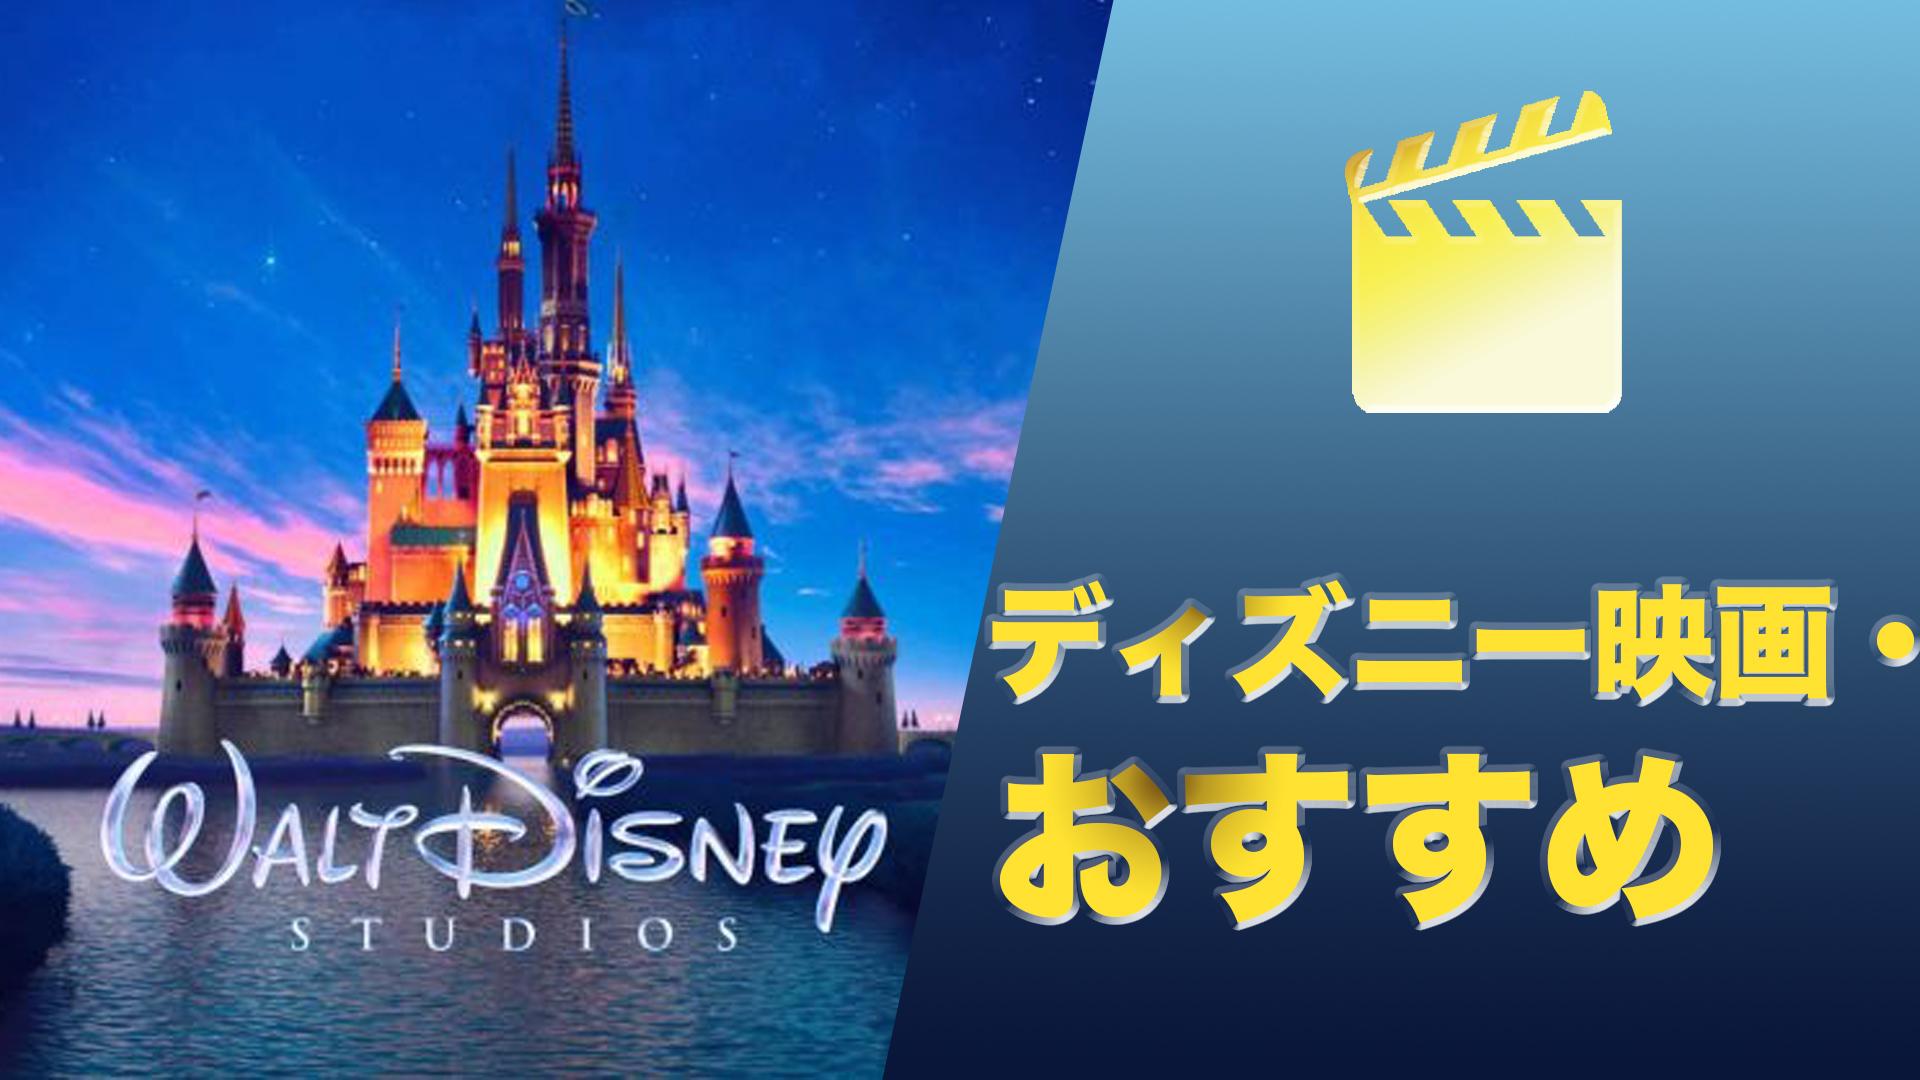 人気のDS(ディズニー)映画おすすめランキング16選!大人も子供も楽しめる作品を公開